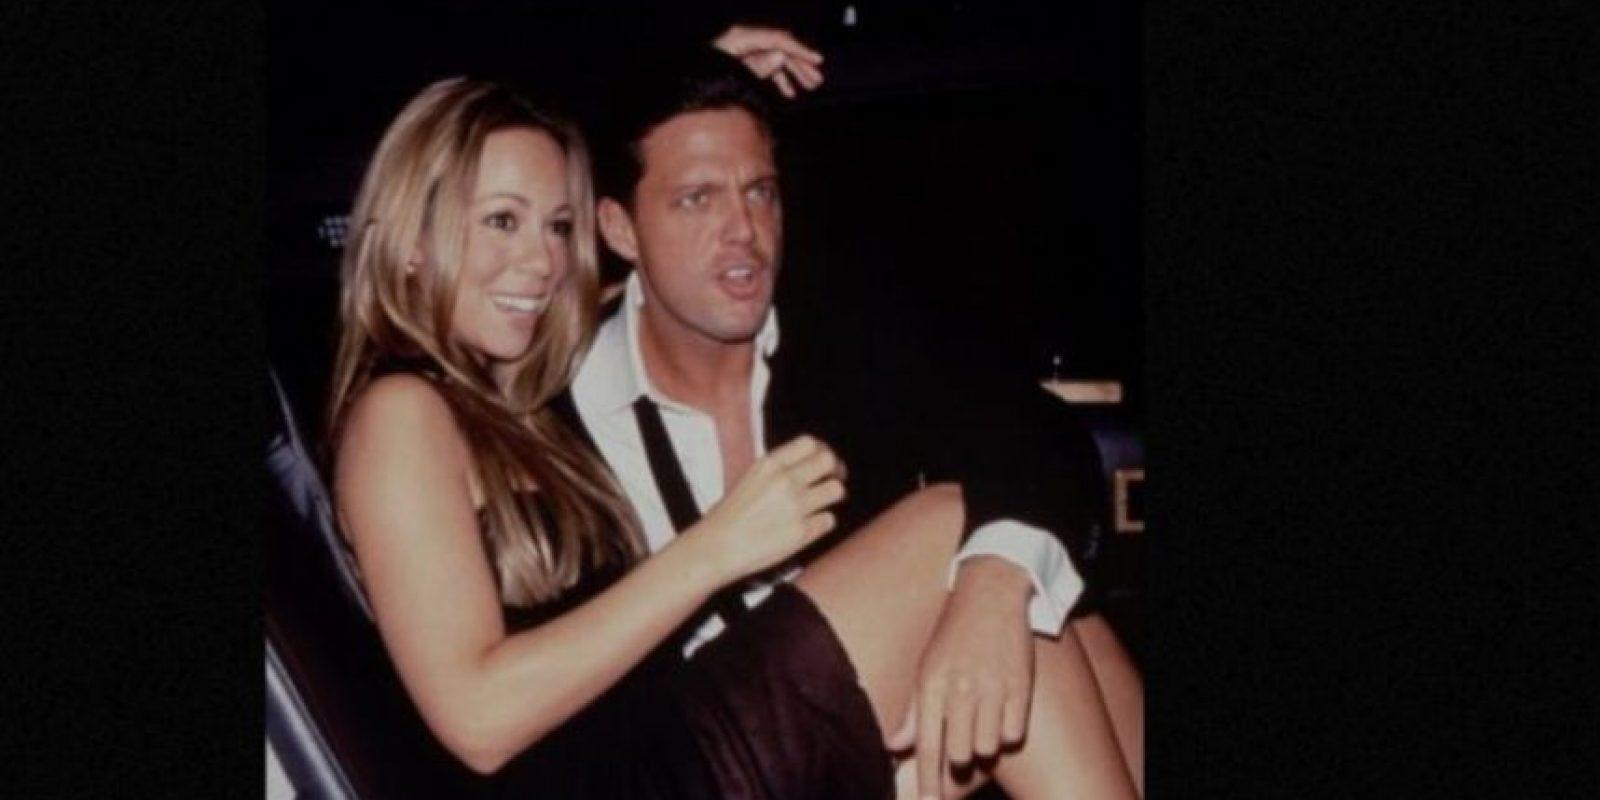 Luis Miguel ya había tenido varias novias antes de Mariah Carey. Tuvo una relación con Daisy Fuentes, Stephanie Salas (madre de su hija Michelle) y Sofía Vergara. Foto:vía Getty Images